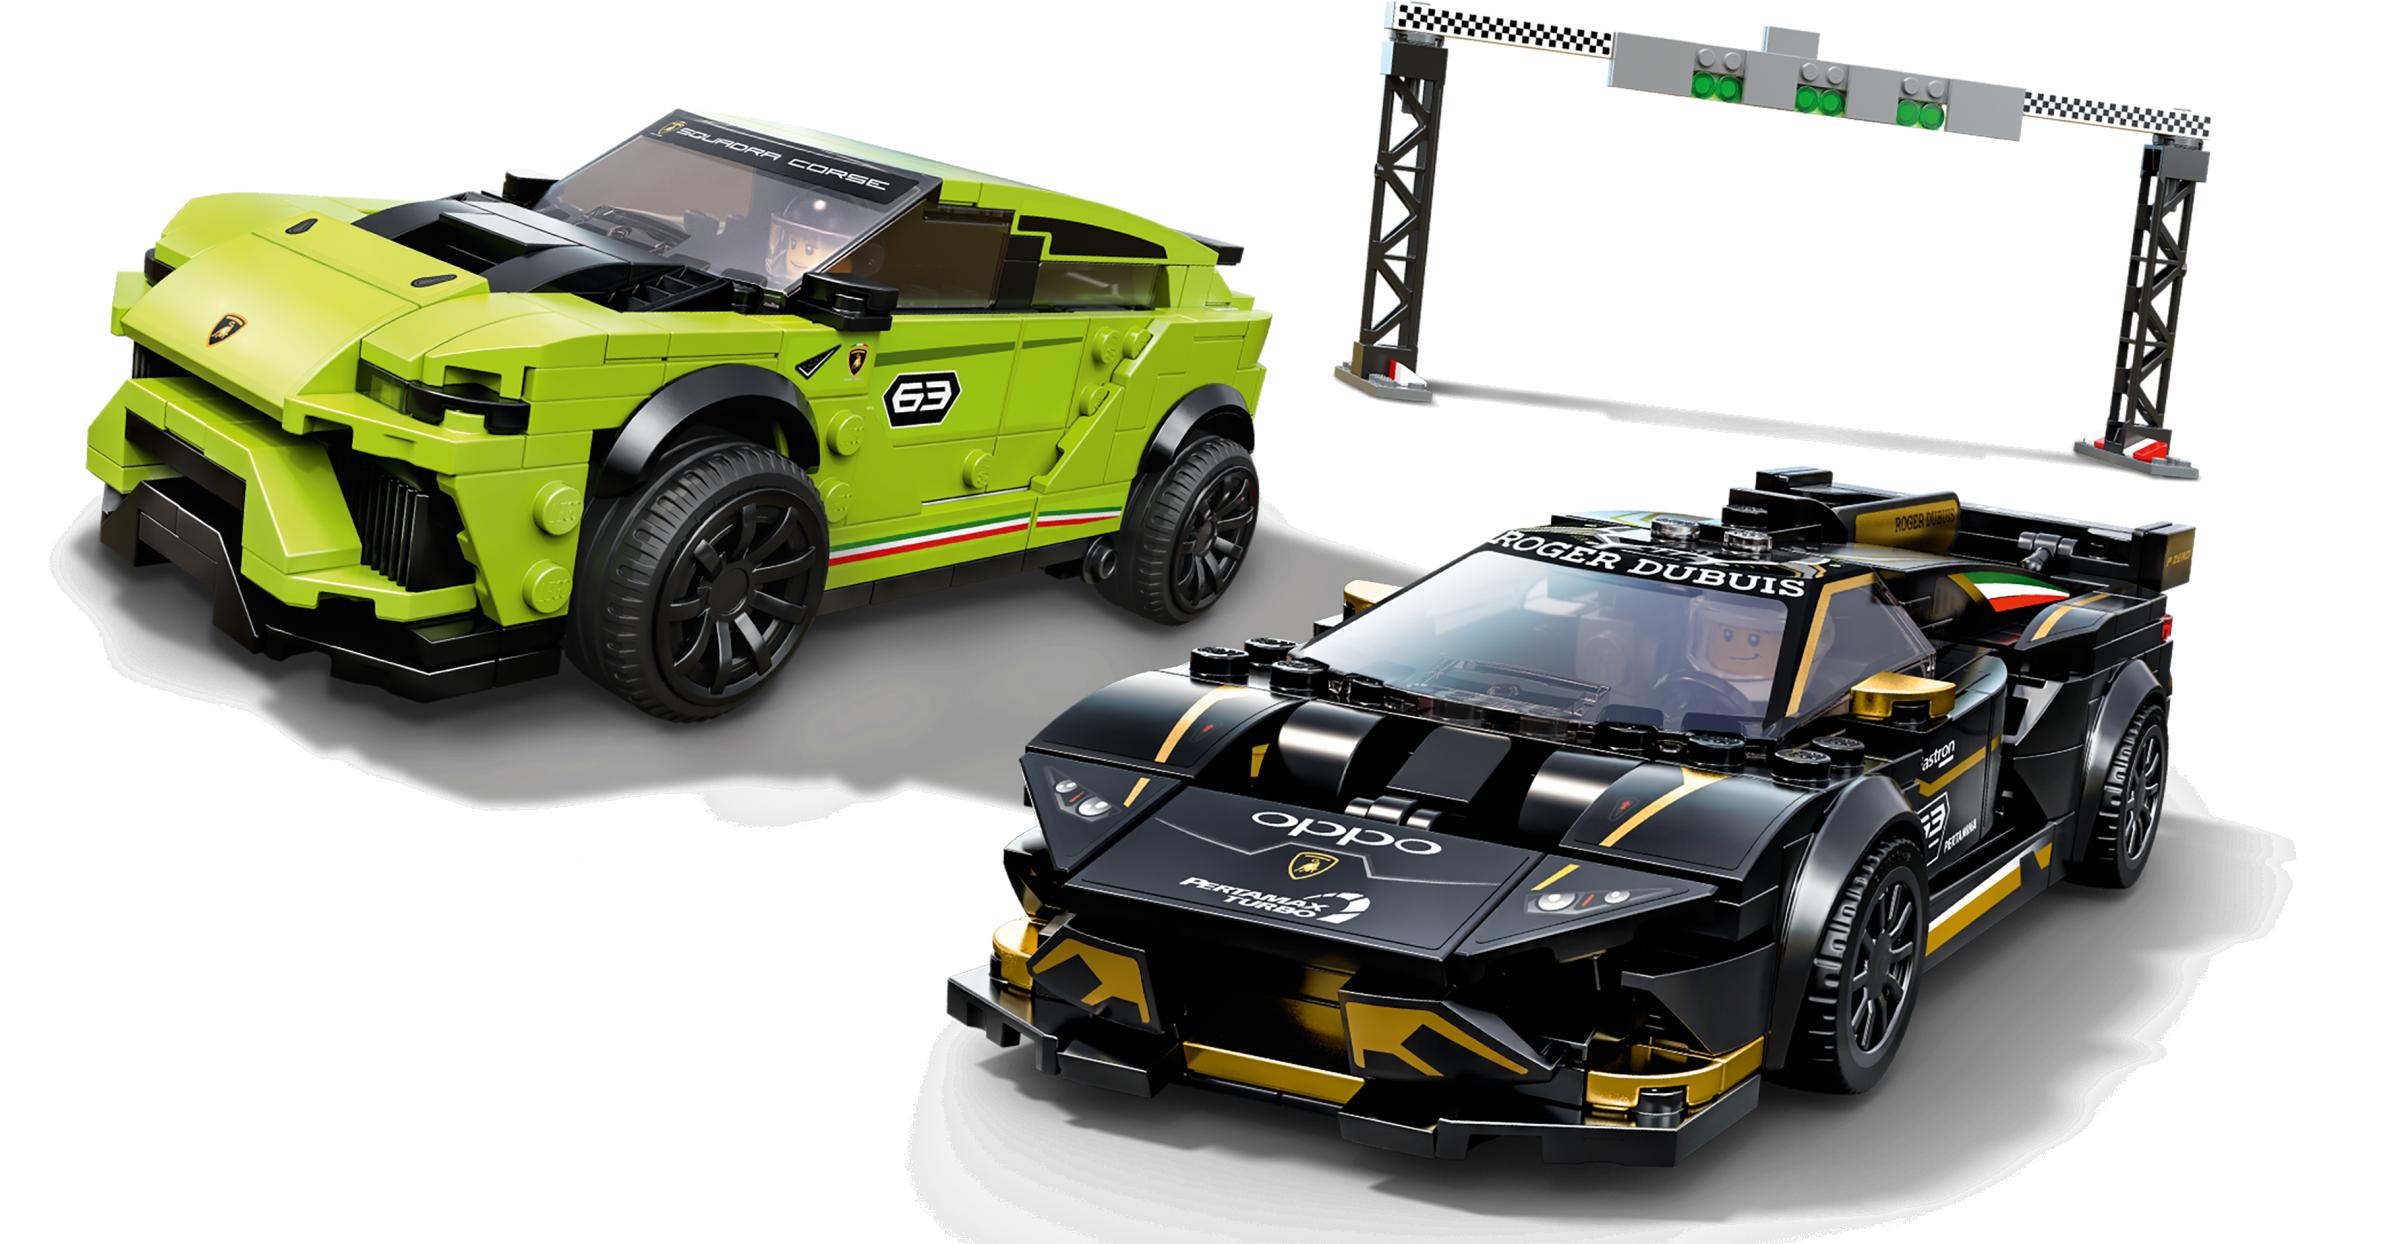 Lamborghini Urus ST-X & Lamborghini Hurac n Super Trofeo EVO